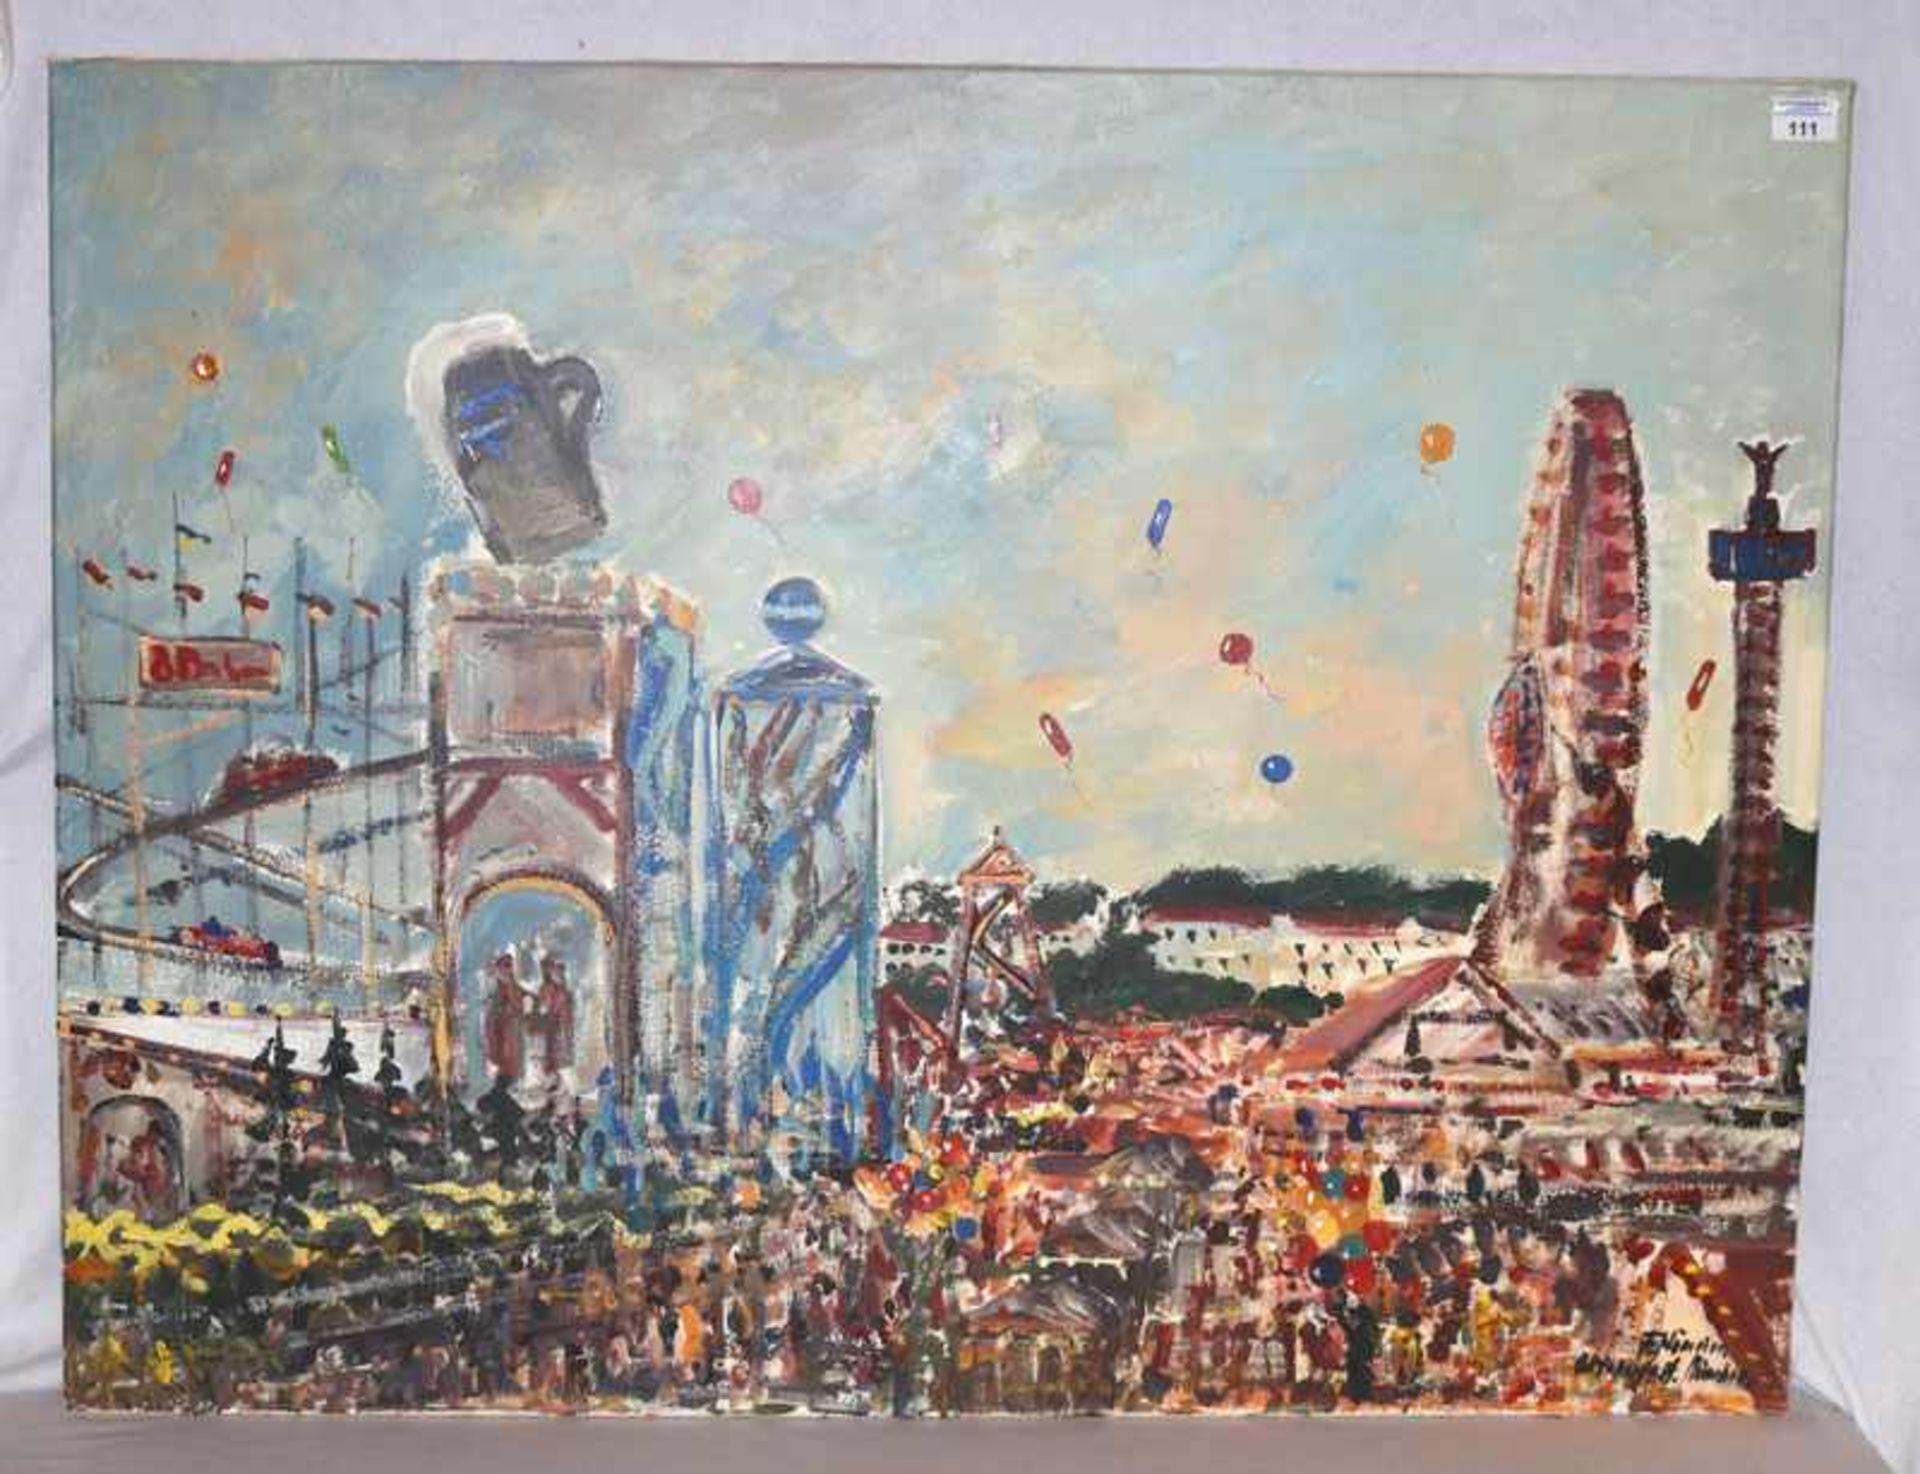 Gemälde ÖL/LW 'Oktoberfest München', signiert F. Nömeyer, * 1938 München, tätig auf Schloß